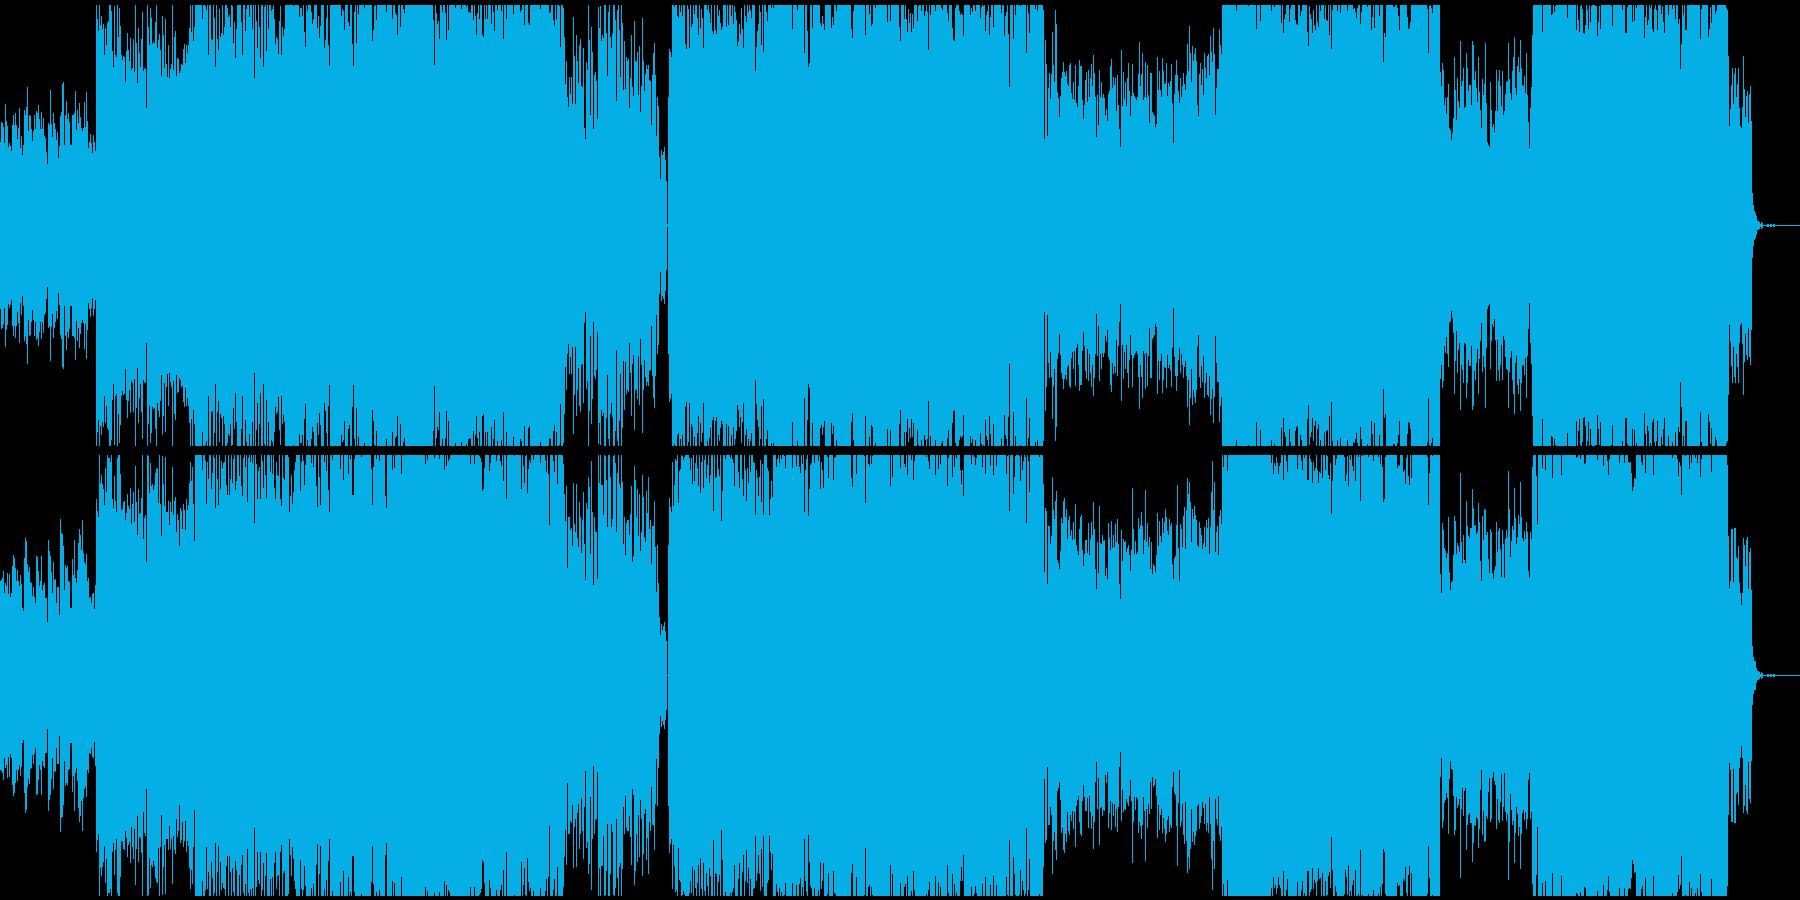 女性ボーカル/キラキラしたポップ/朝の再生済みの波形